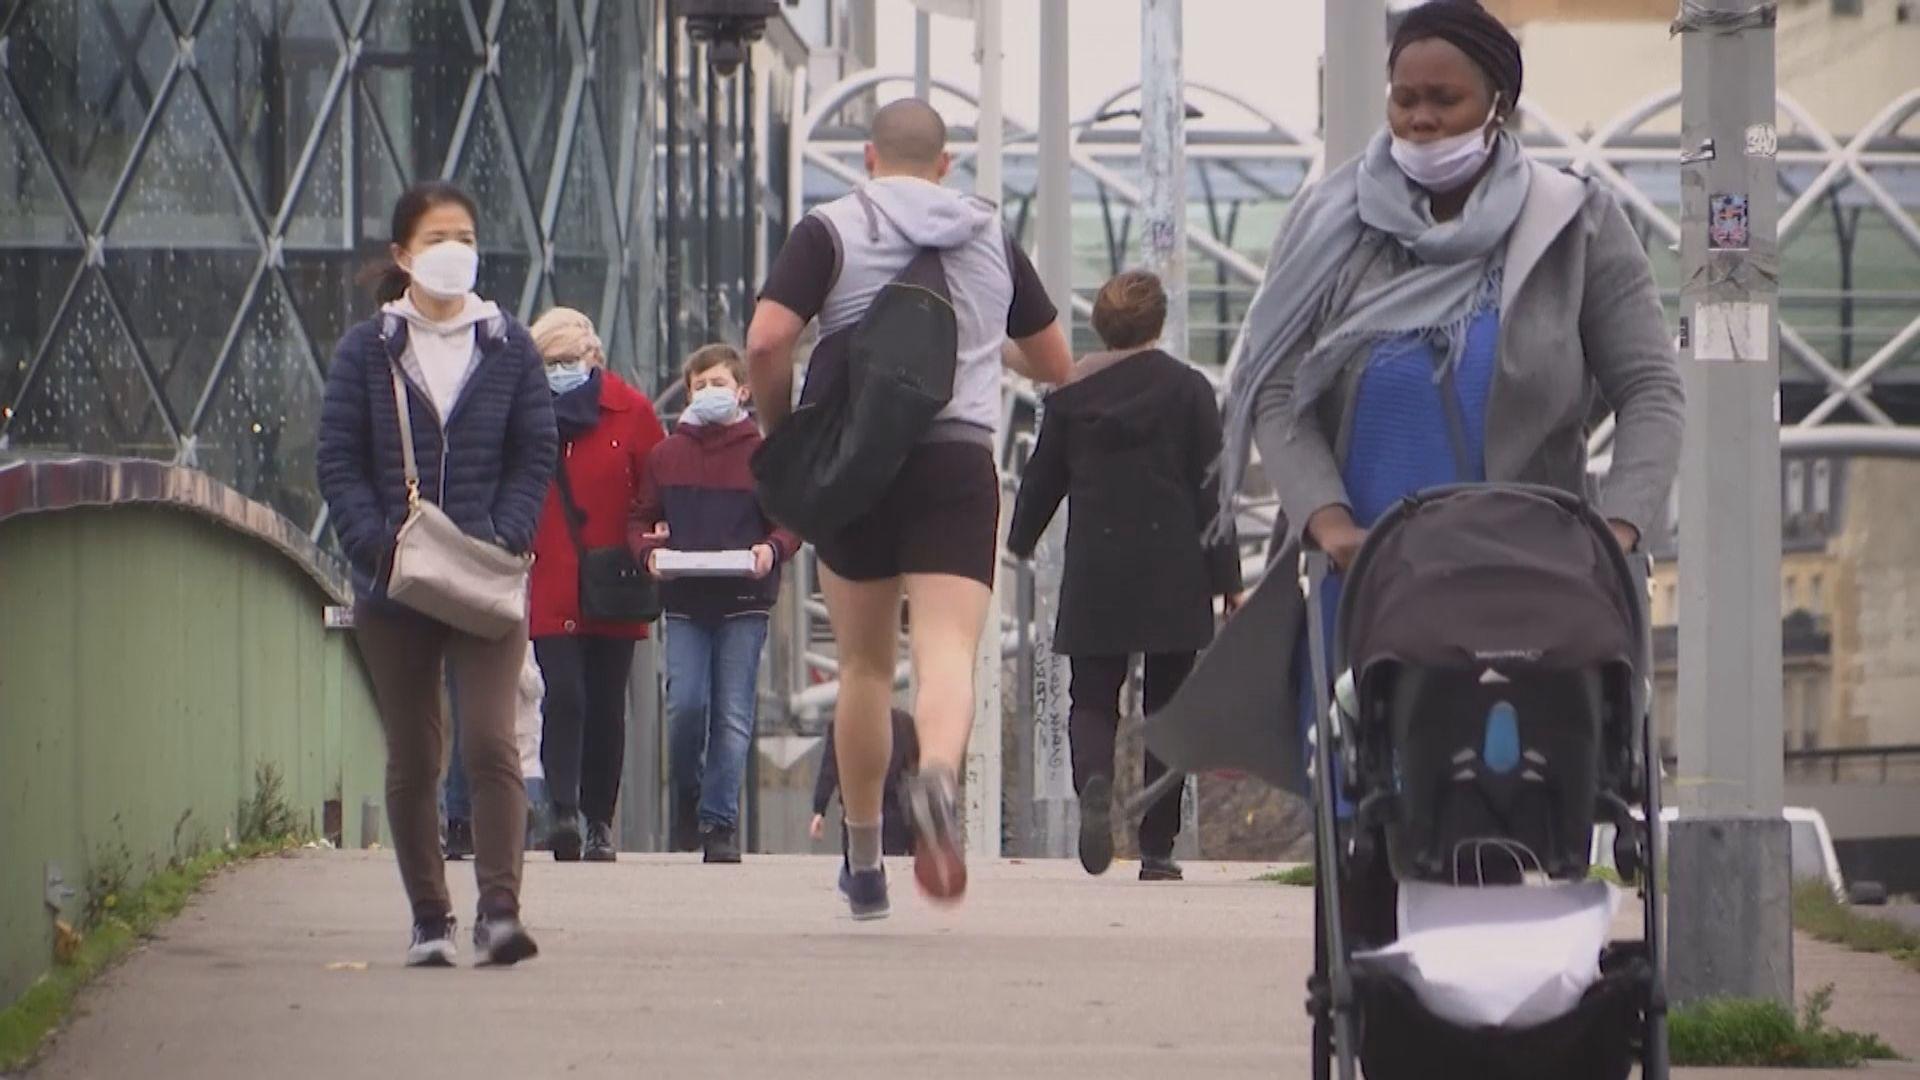 歐洲疫情持續嚴峻 法國周五起全國封鎖至十二月